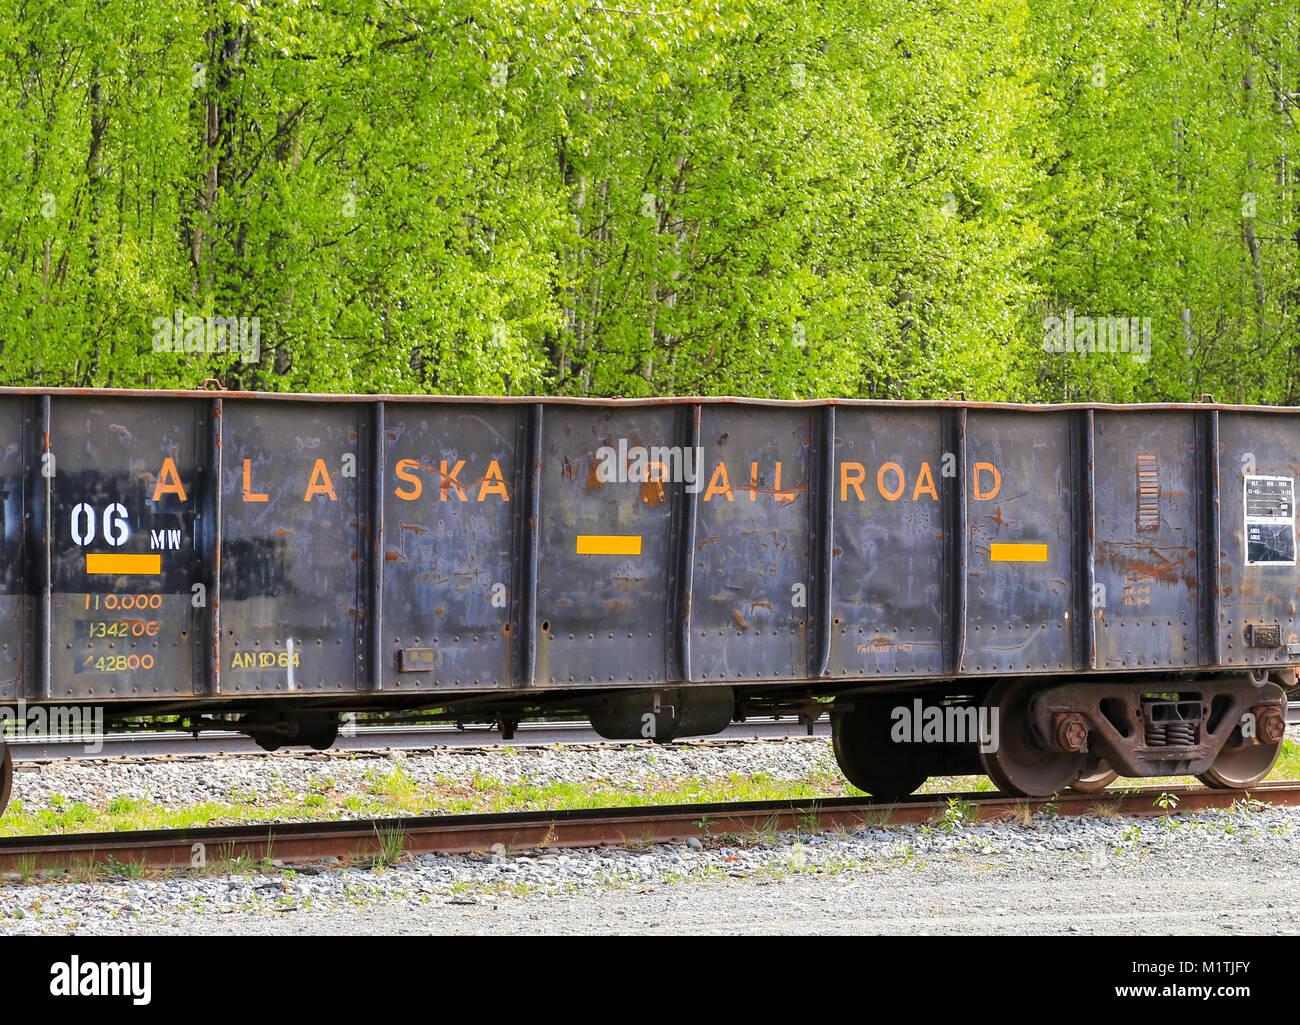 Talkeetna, Alaska, USA - Le 19 mai 2017: un wagon de chemin de fer de l'Alaska pour le fret en vrac sur Photo Stock